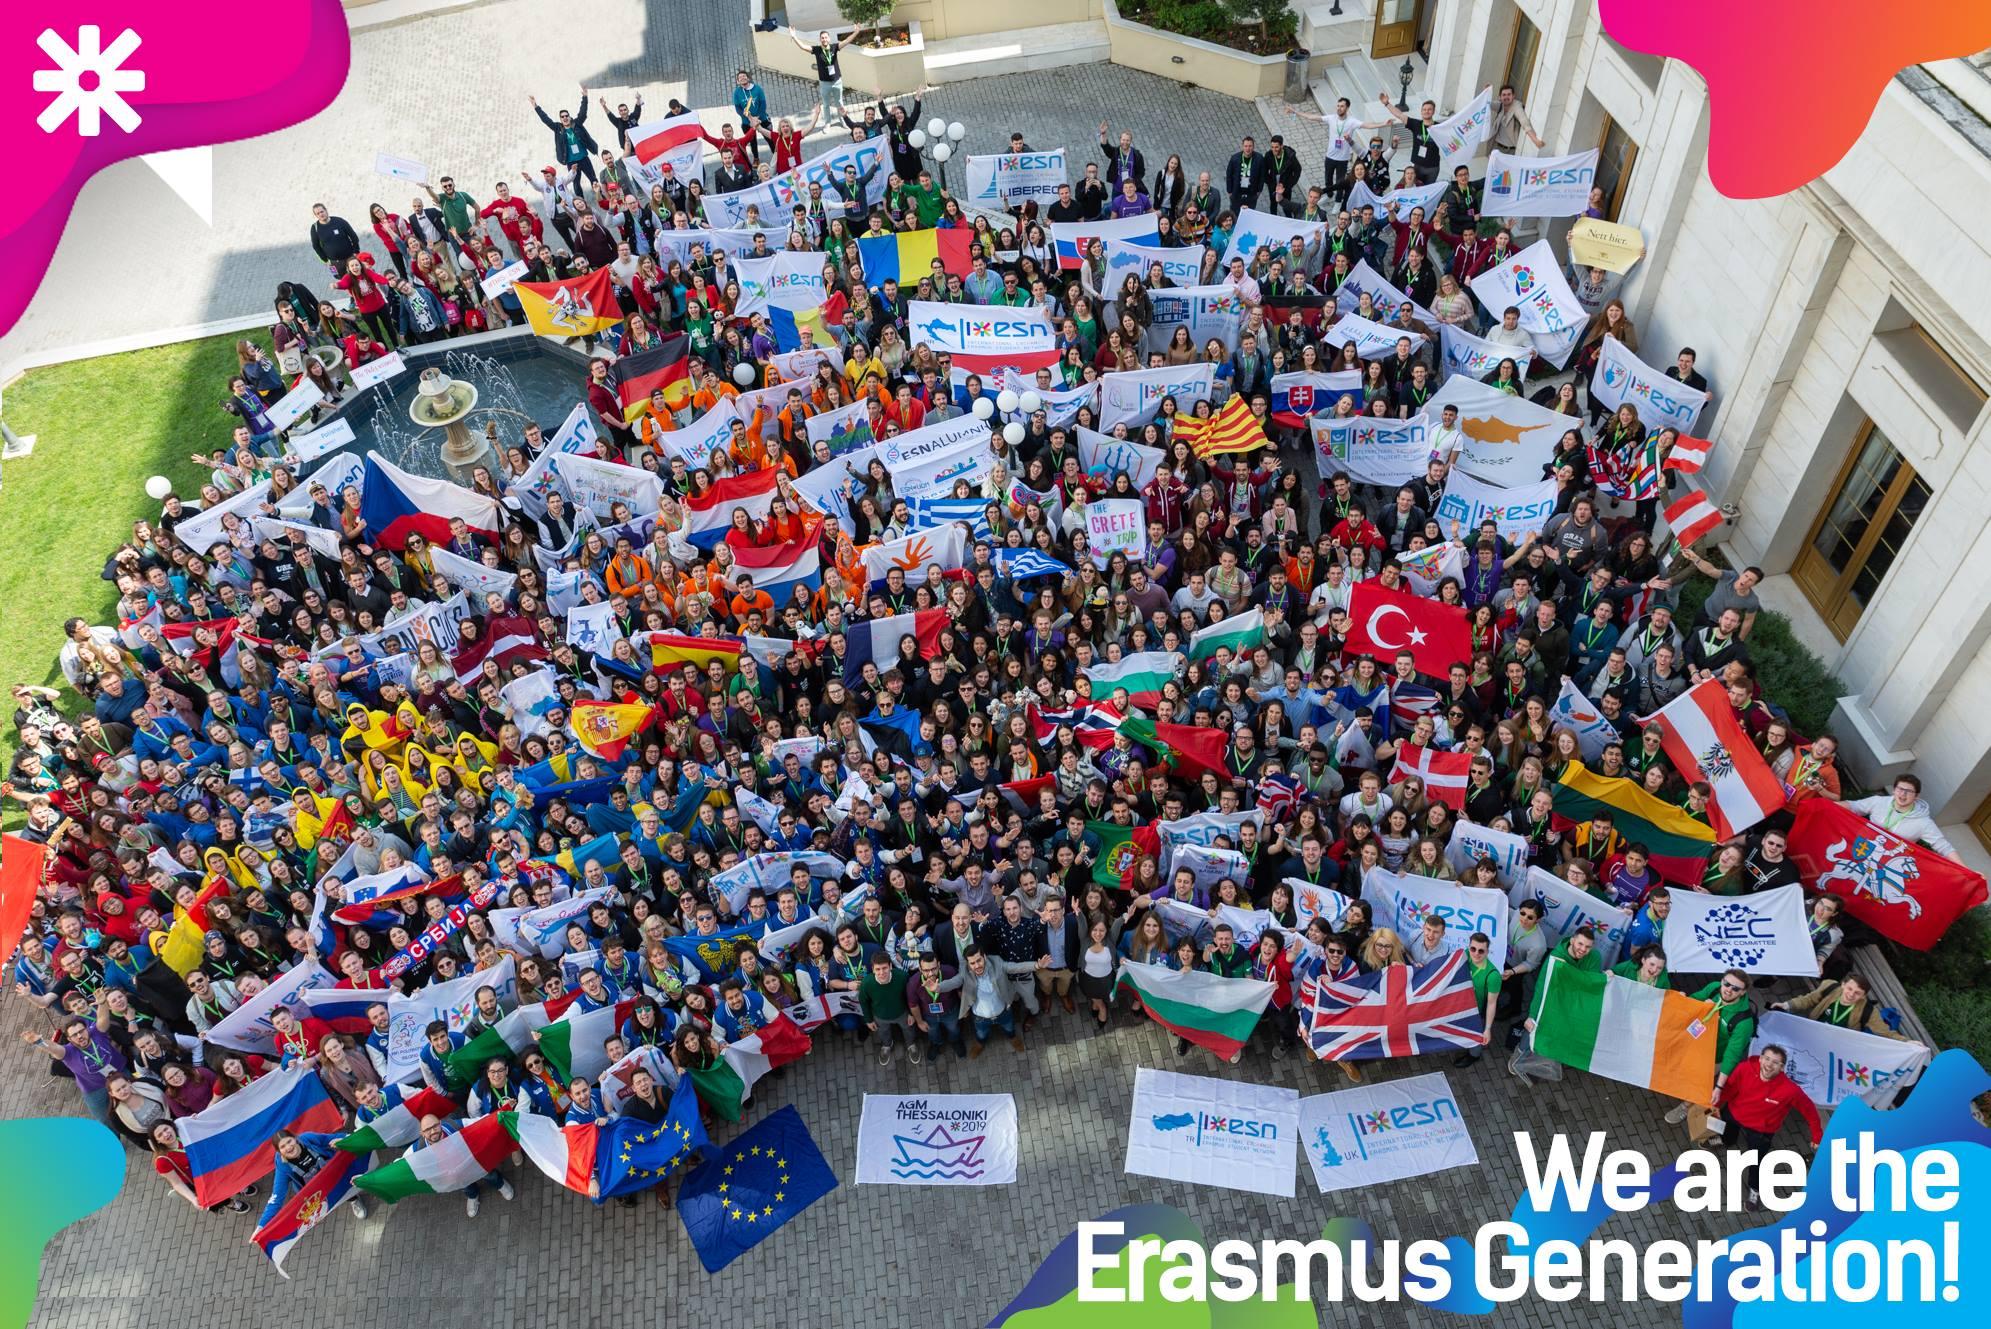 Tajana Mohnacki izabrana za potpredsjednicu Erasmus studentske mreže - Slika 3